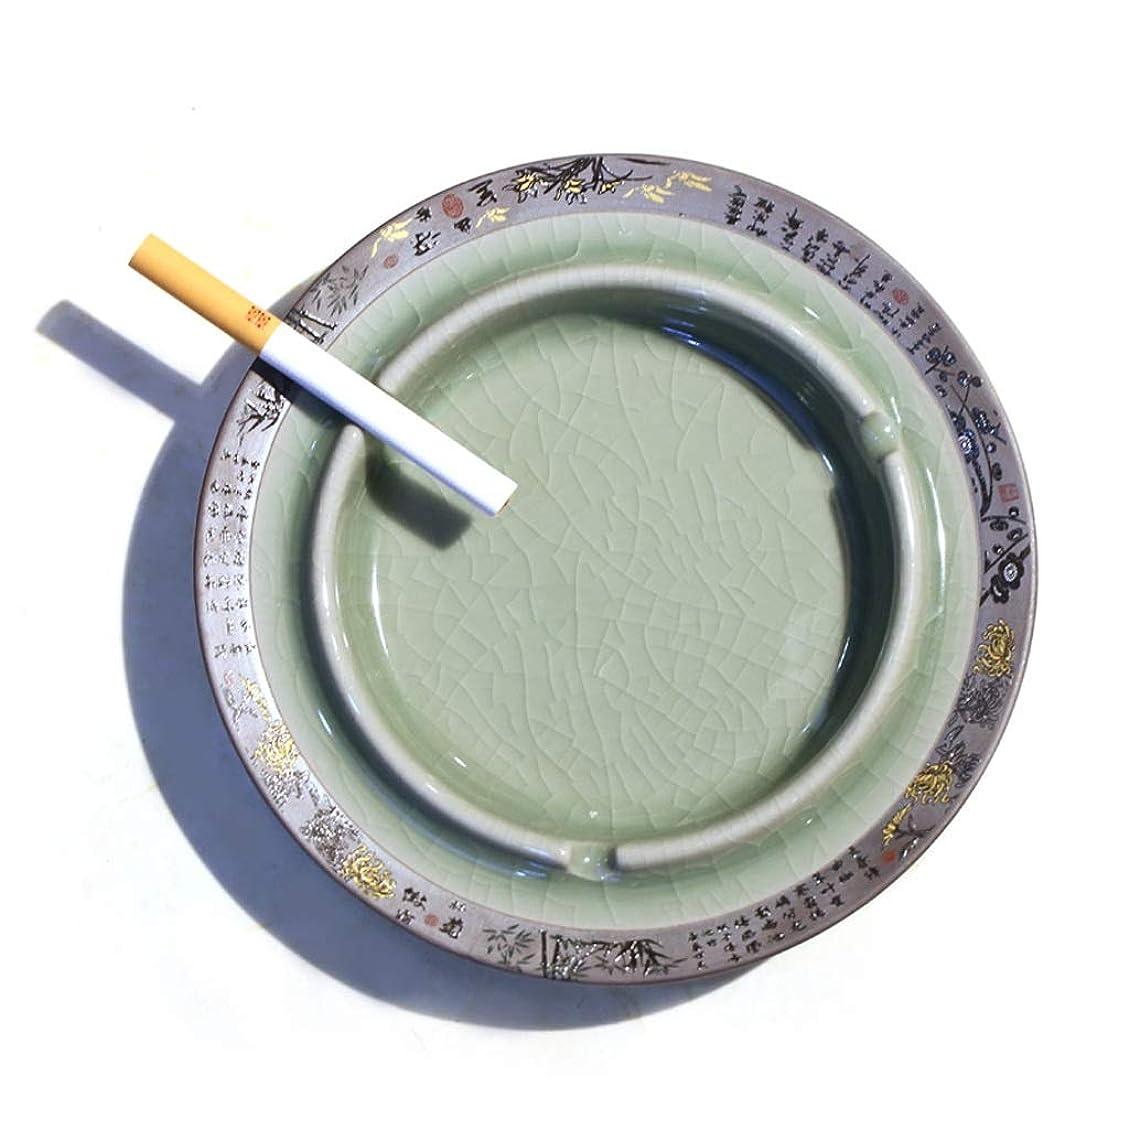 味付け請負業者プールしっかり セラミック灰皿防風大容量寝室のリビングルーム灰皿 防火 (Color : A)